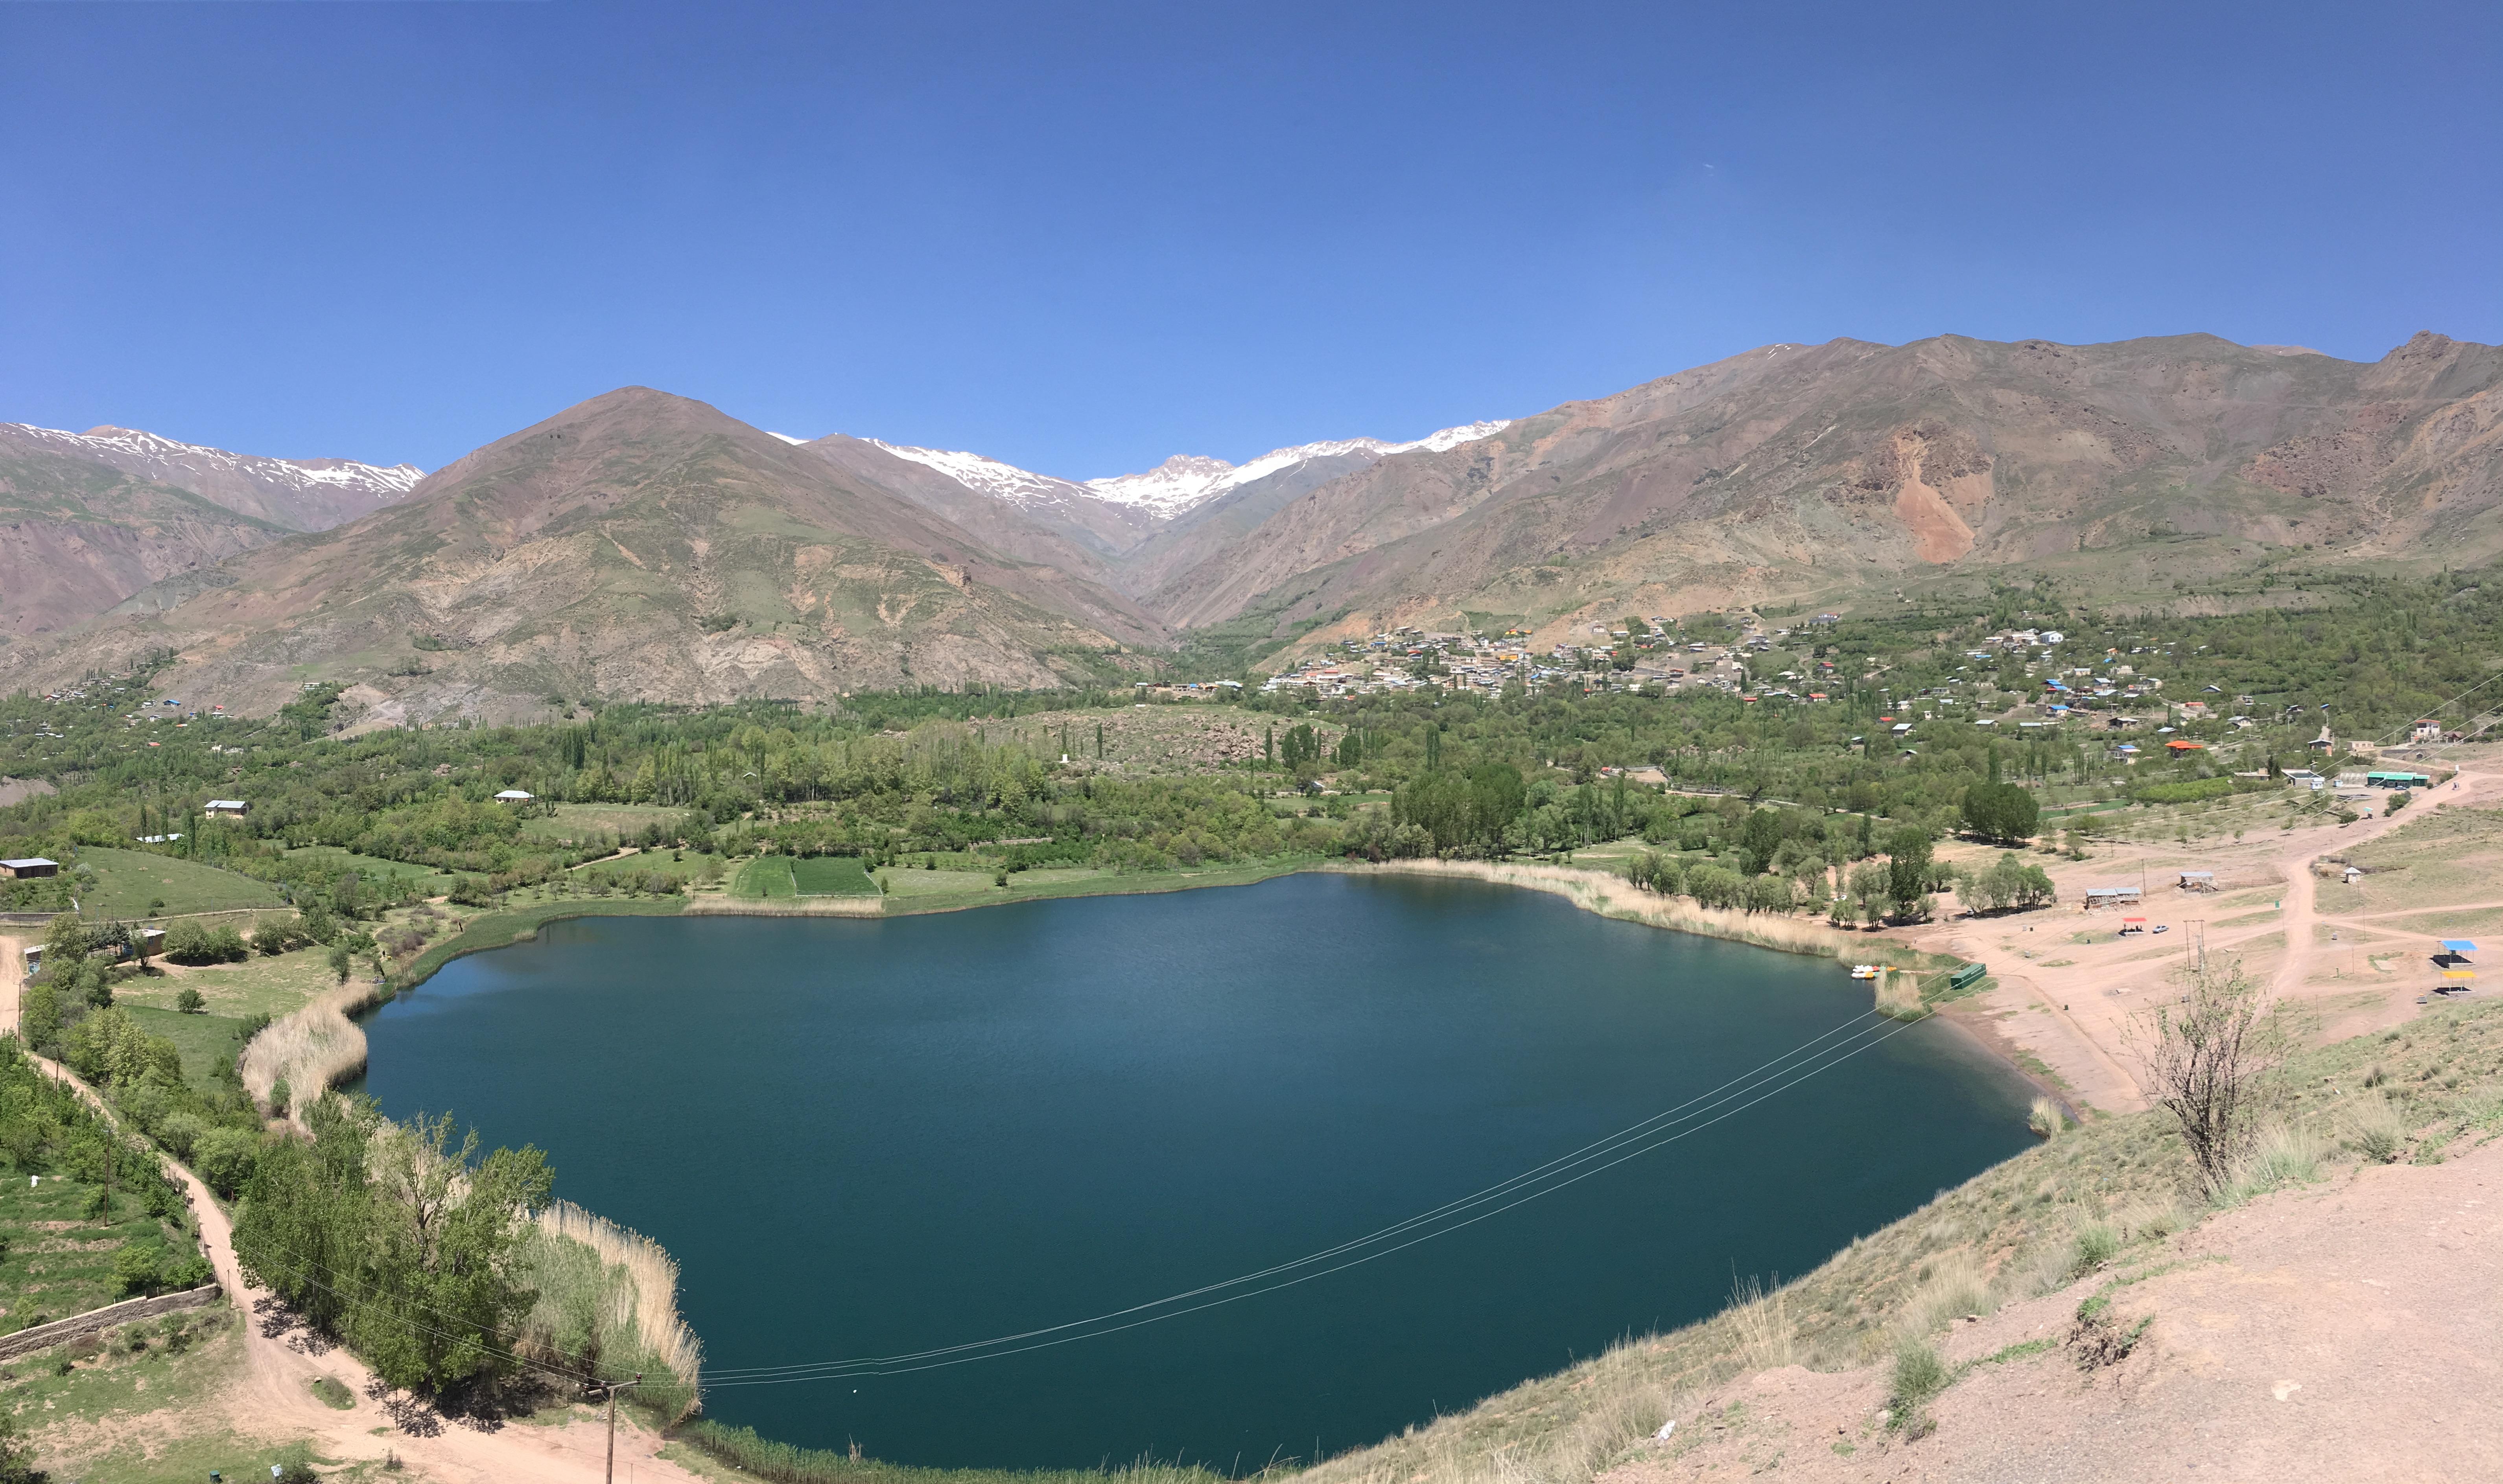 Jezero Ovan